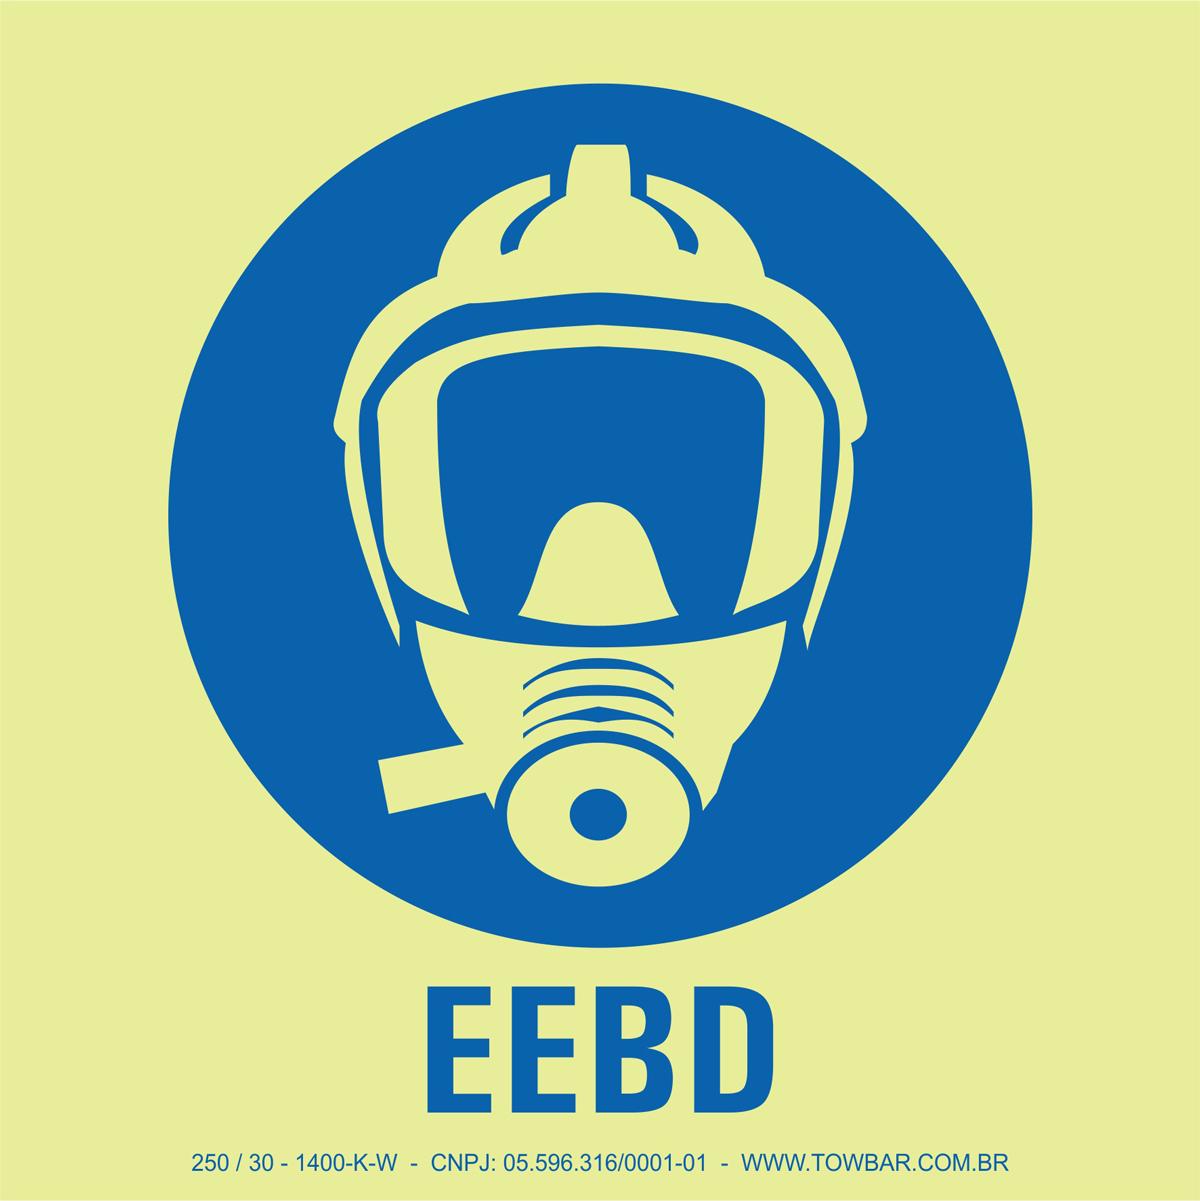 EEBD  - Towbar Sinalização de Segurança